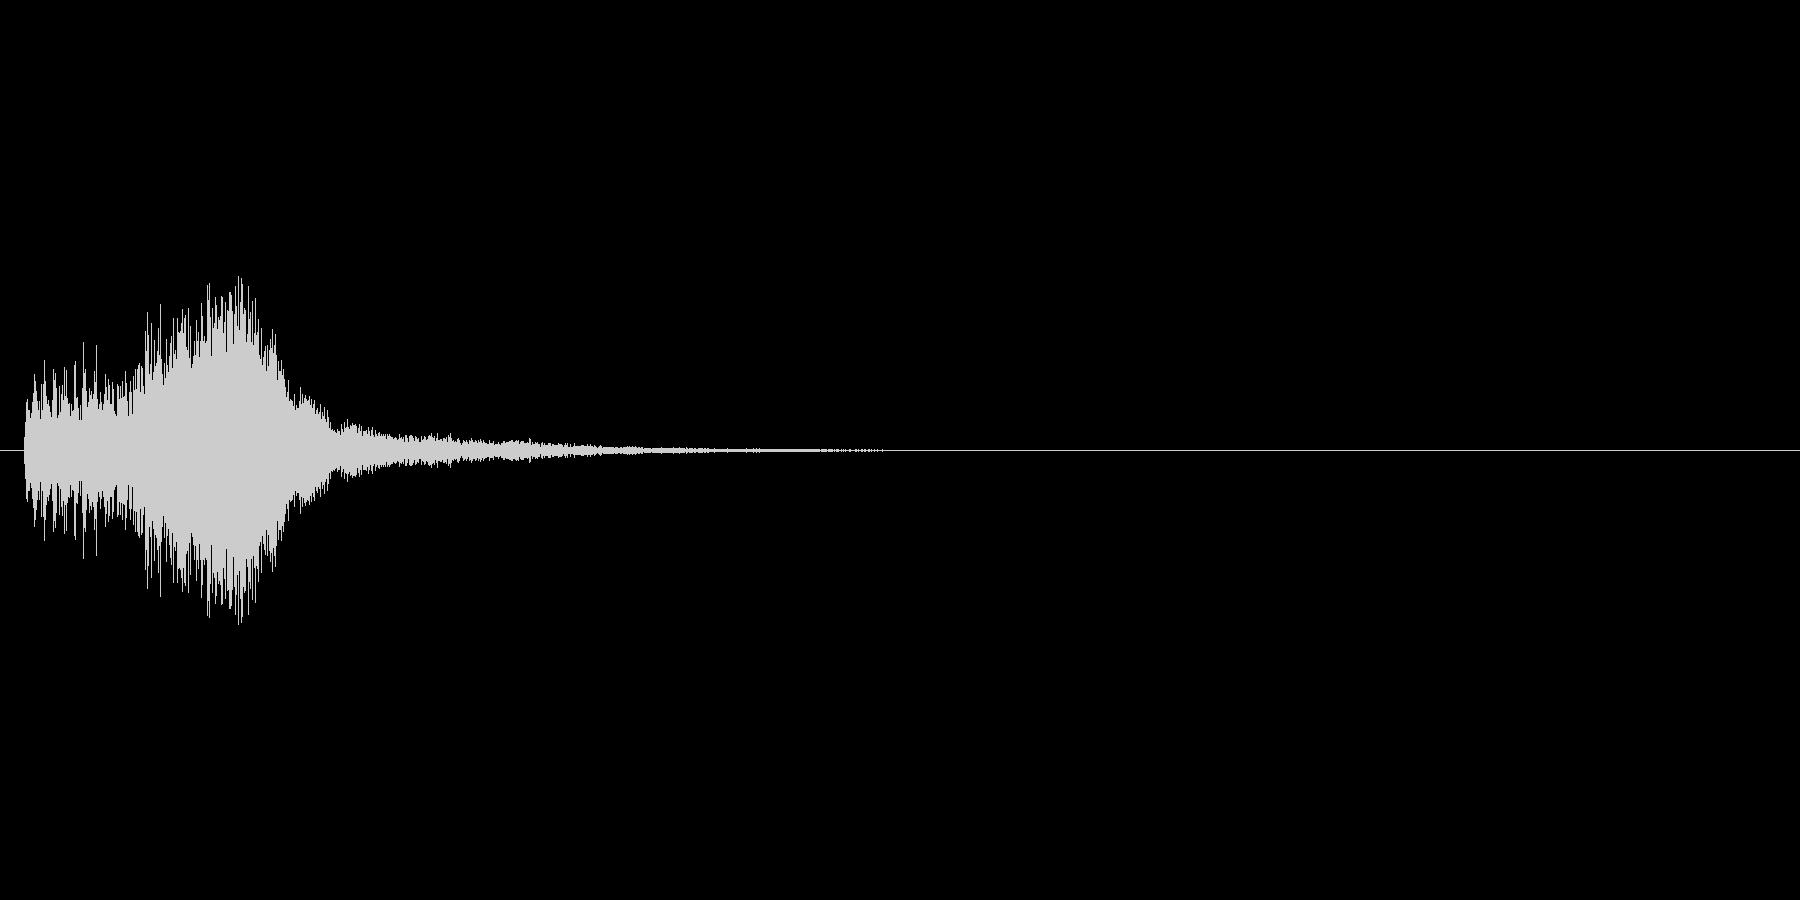 パズルゲームの連鎖における2段階目の音の未再生の波形